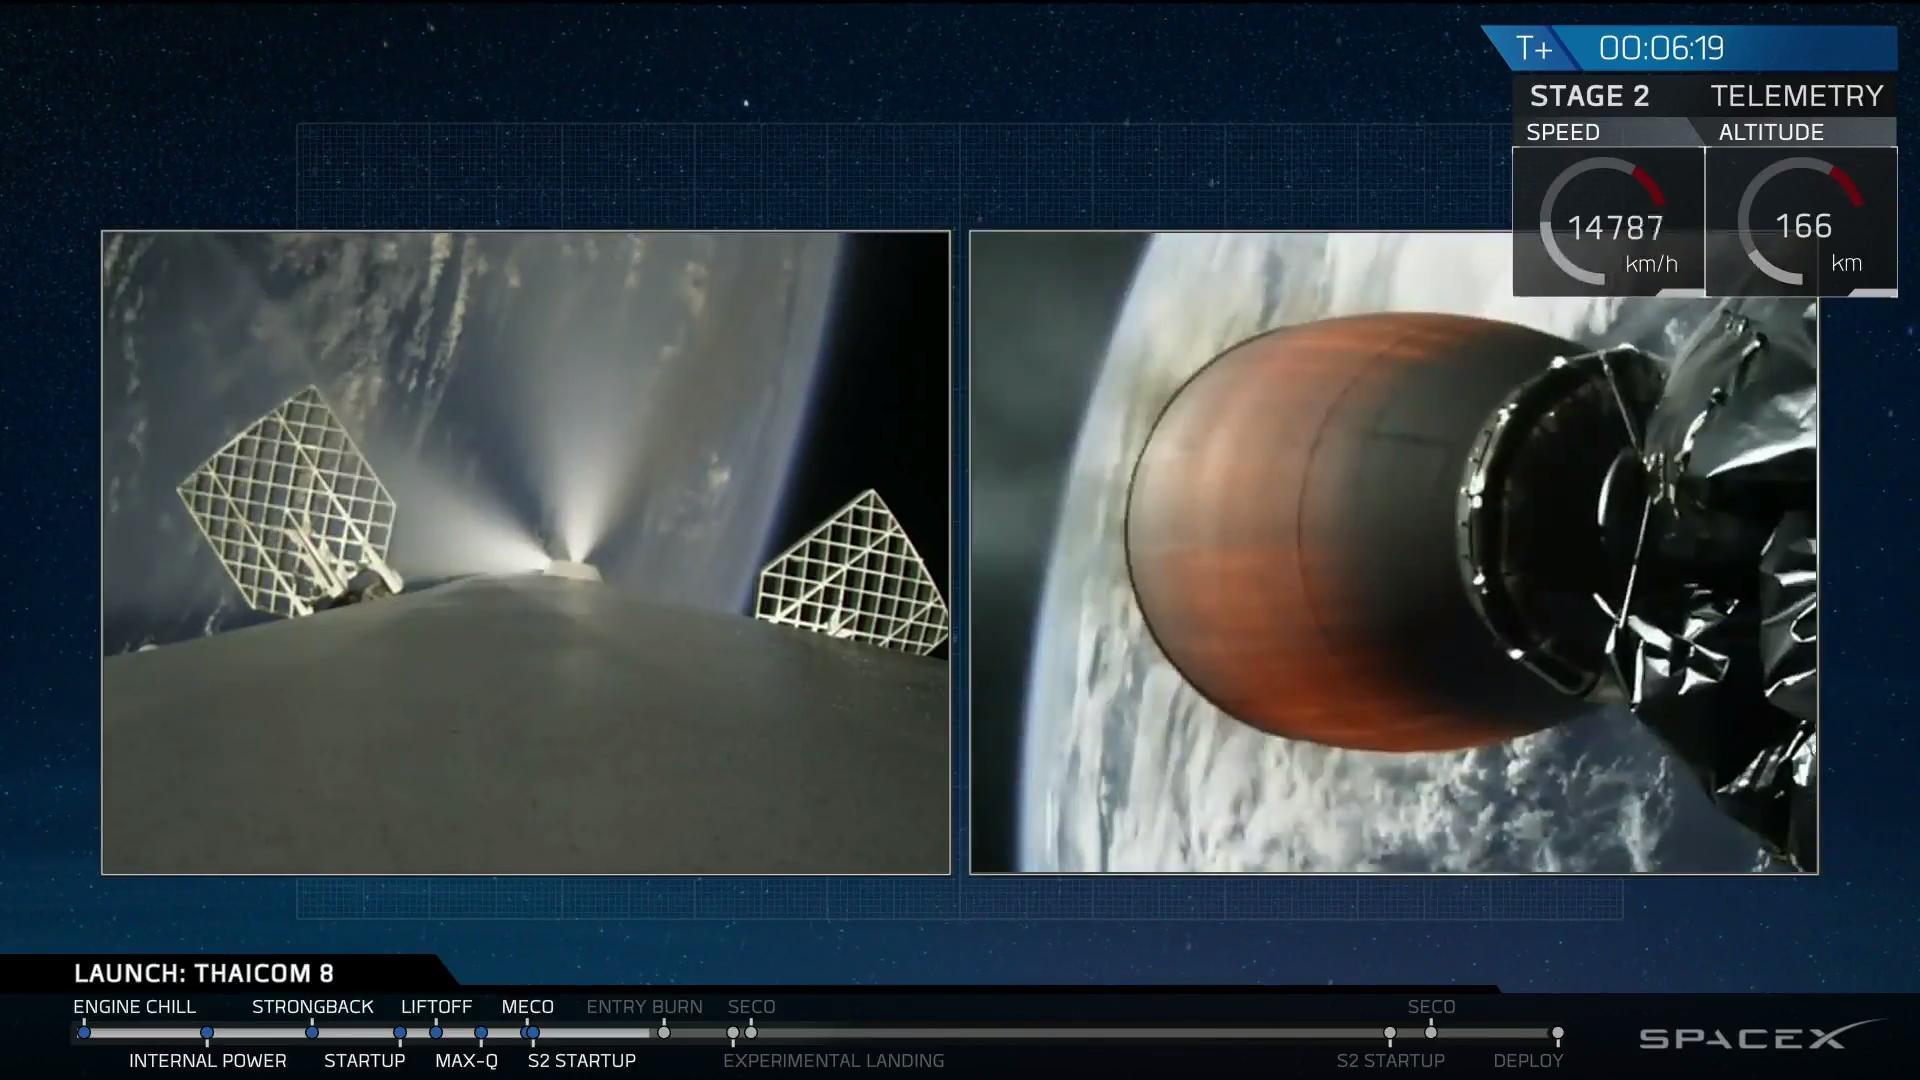 """Il sistema RCS del primo stadio del Falcon 9 guida il perfetto posizionamento in previsione del """"re-entry burn"""""""